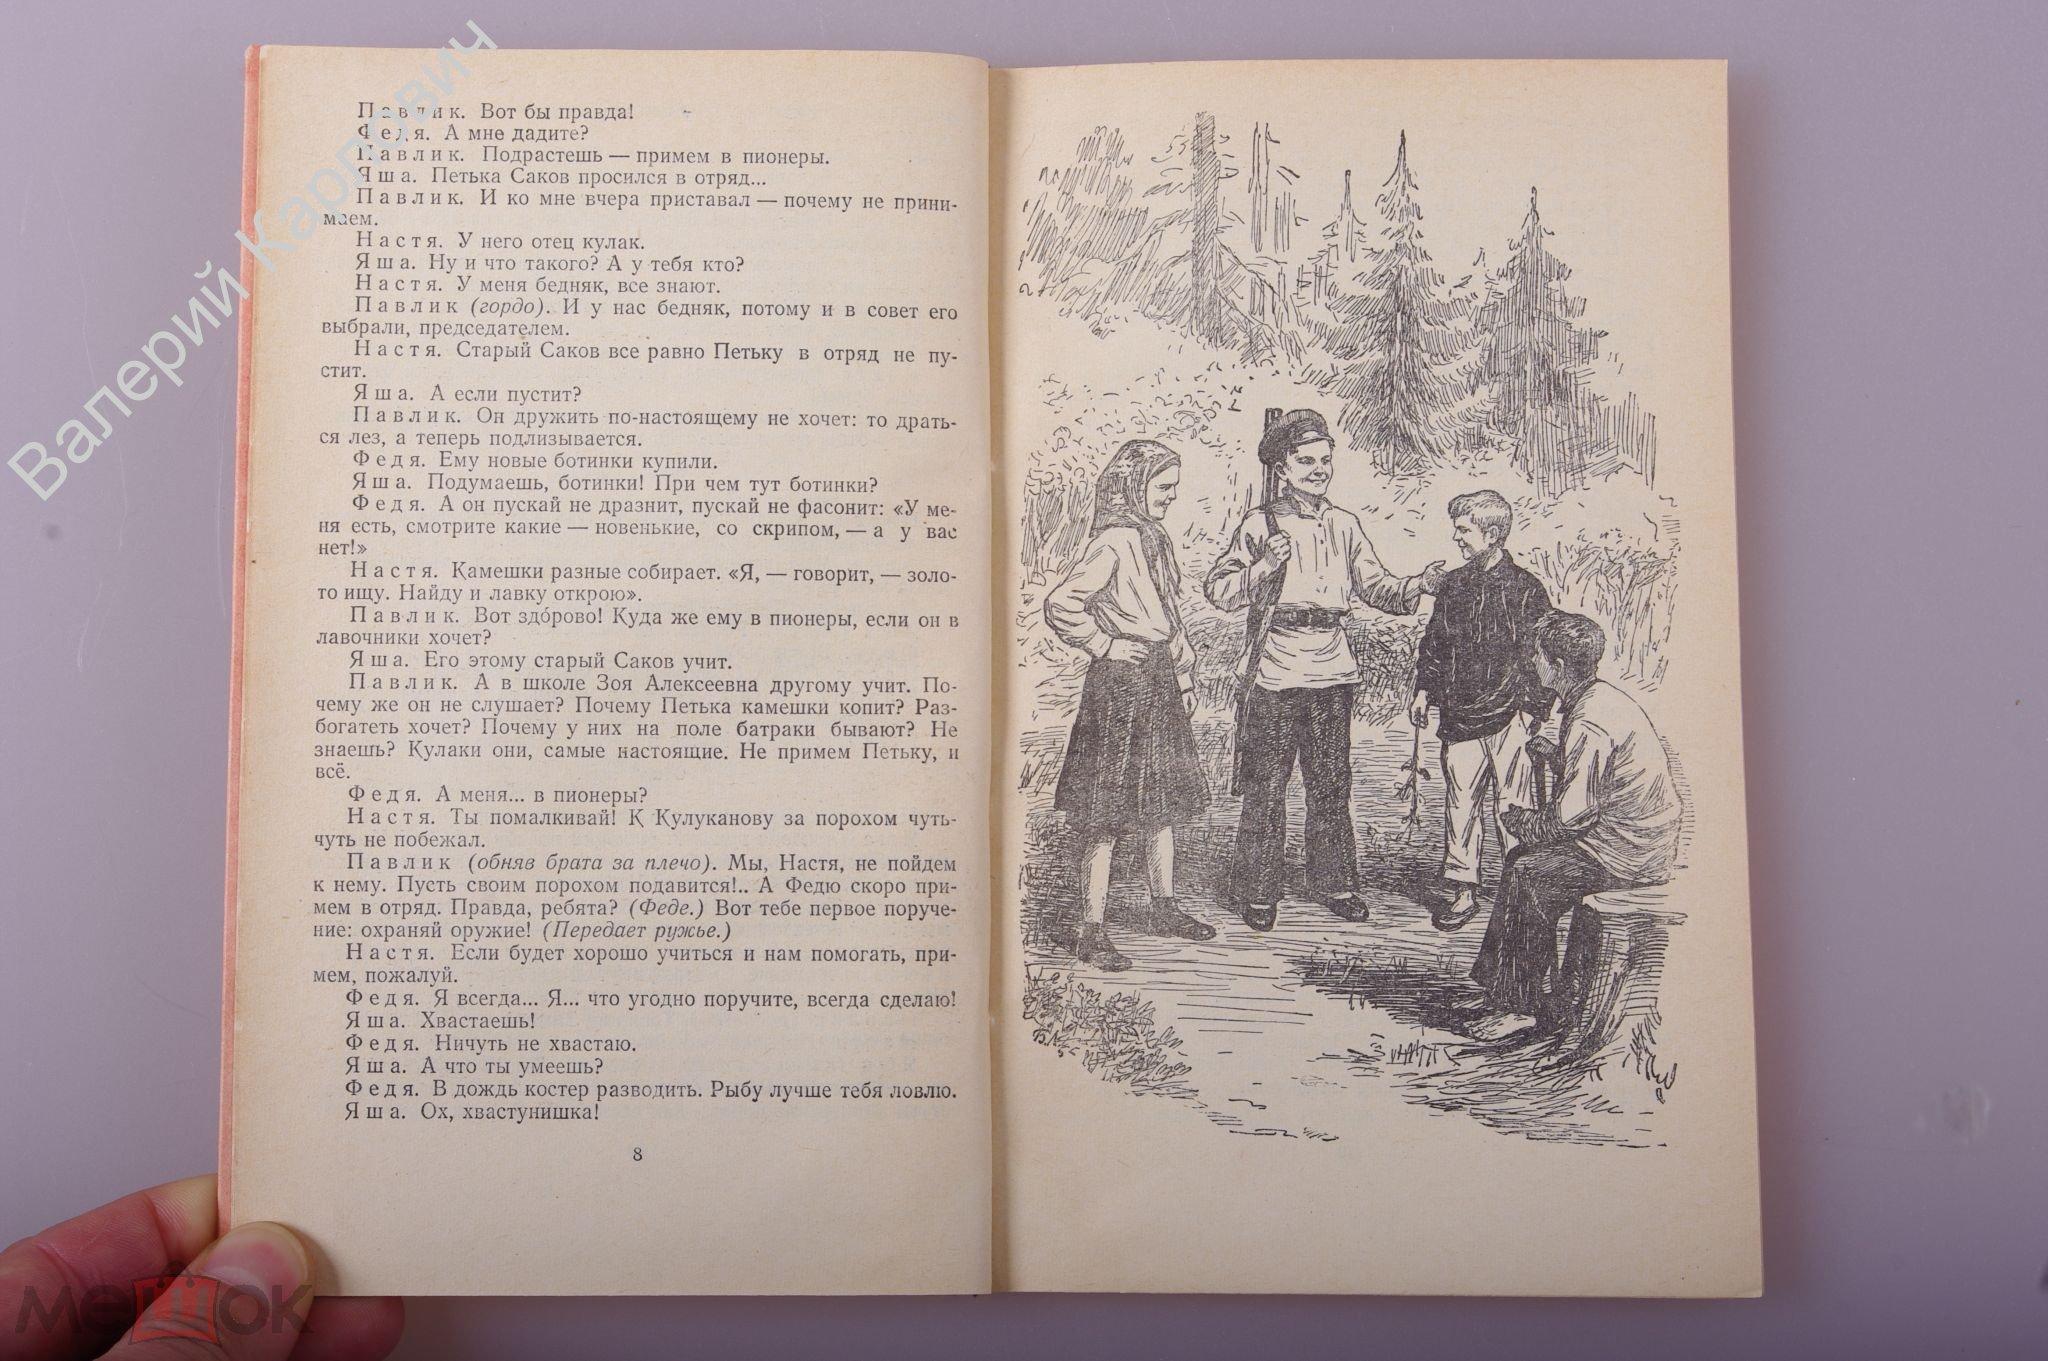 Румянцев Л. Песня о нем не умрет. Драма в 4-х действиях, 8-ми картинах. М.Детгиз. 1955 г (Б512)